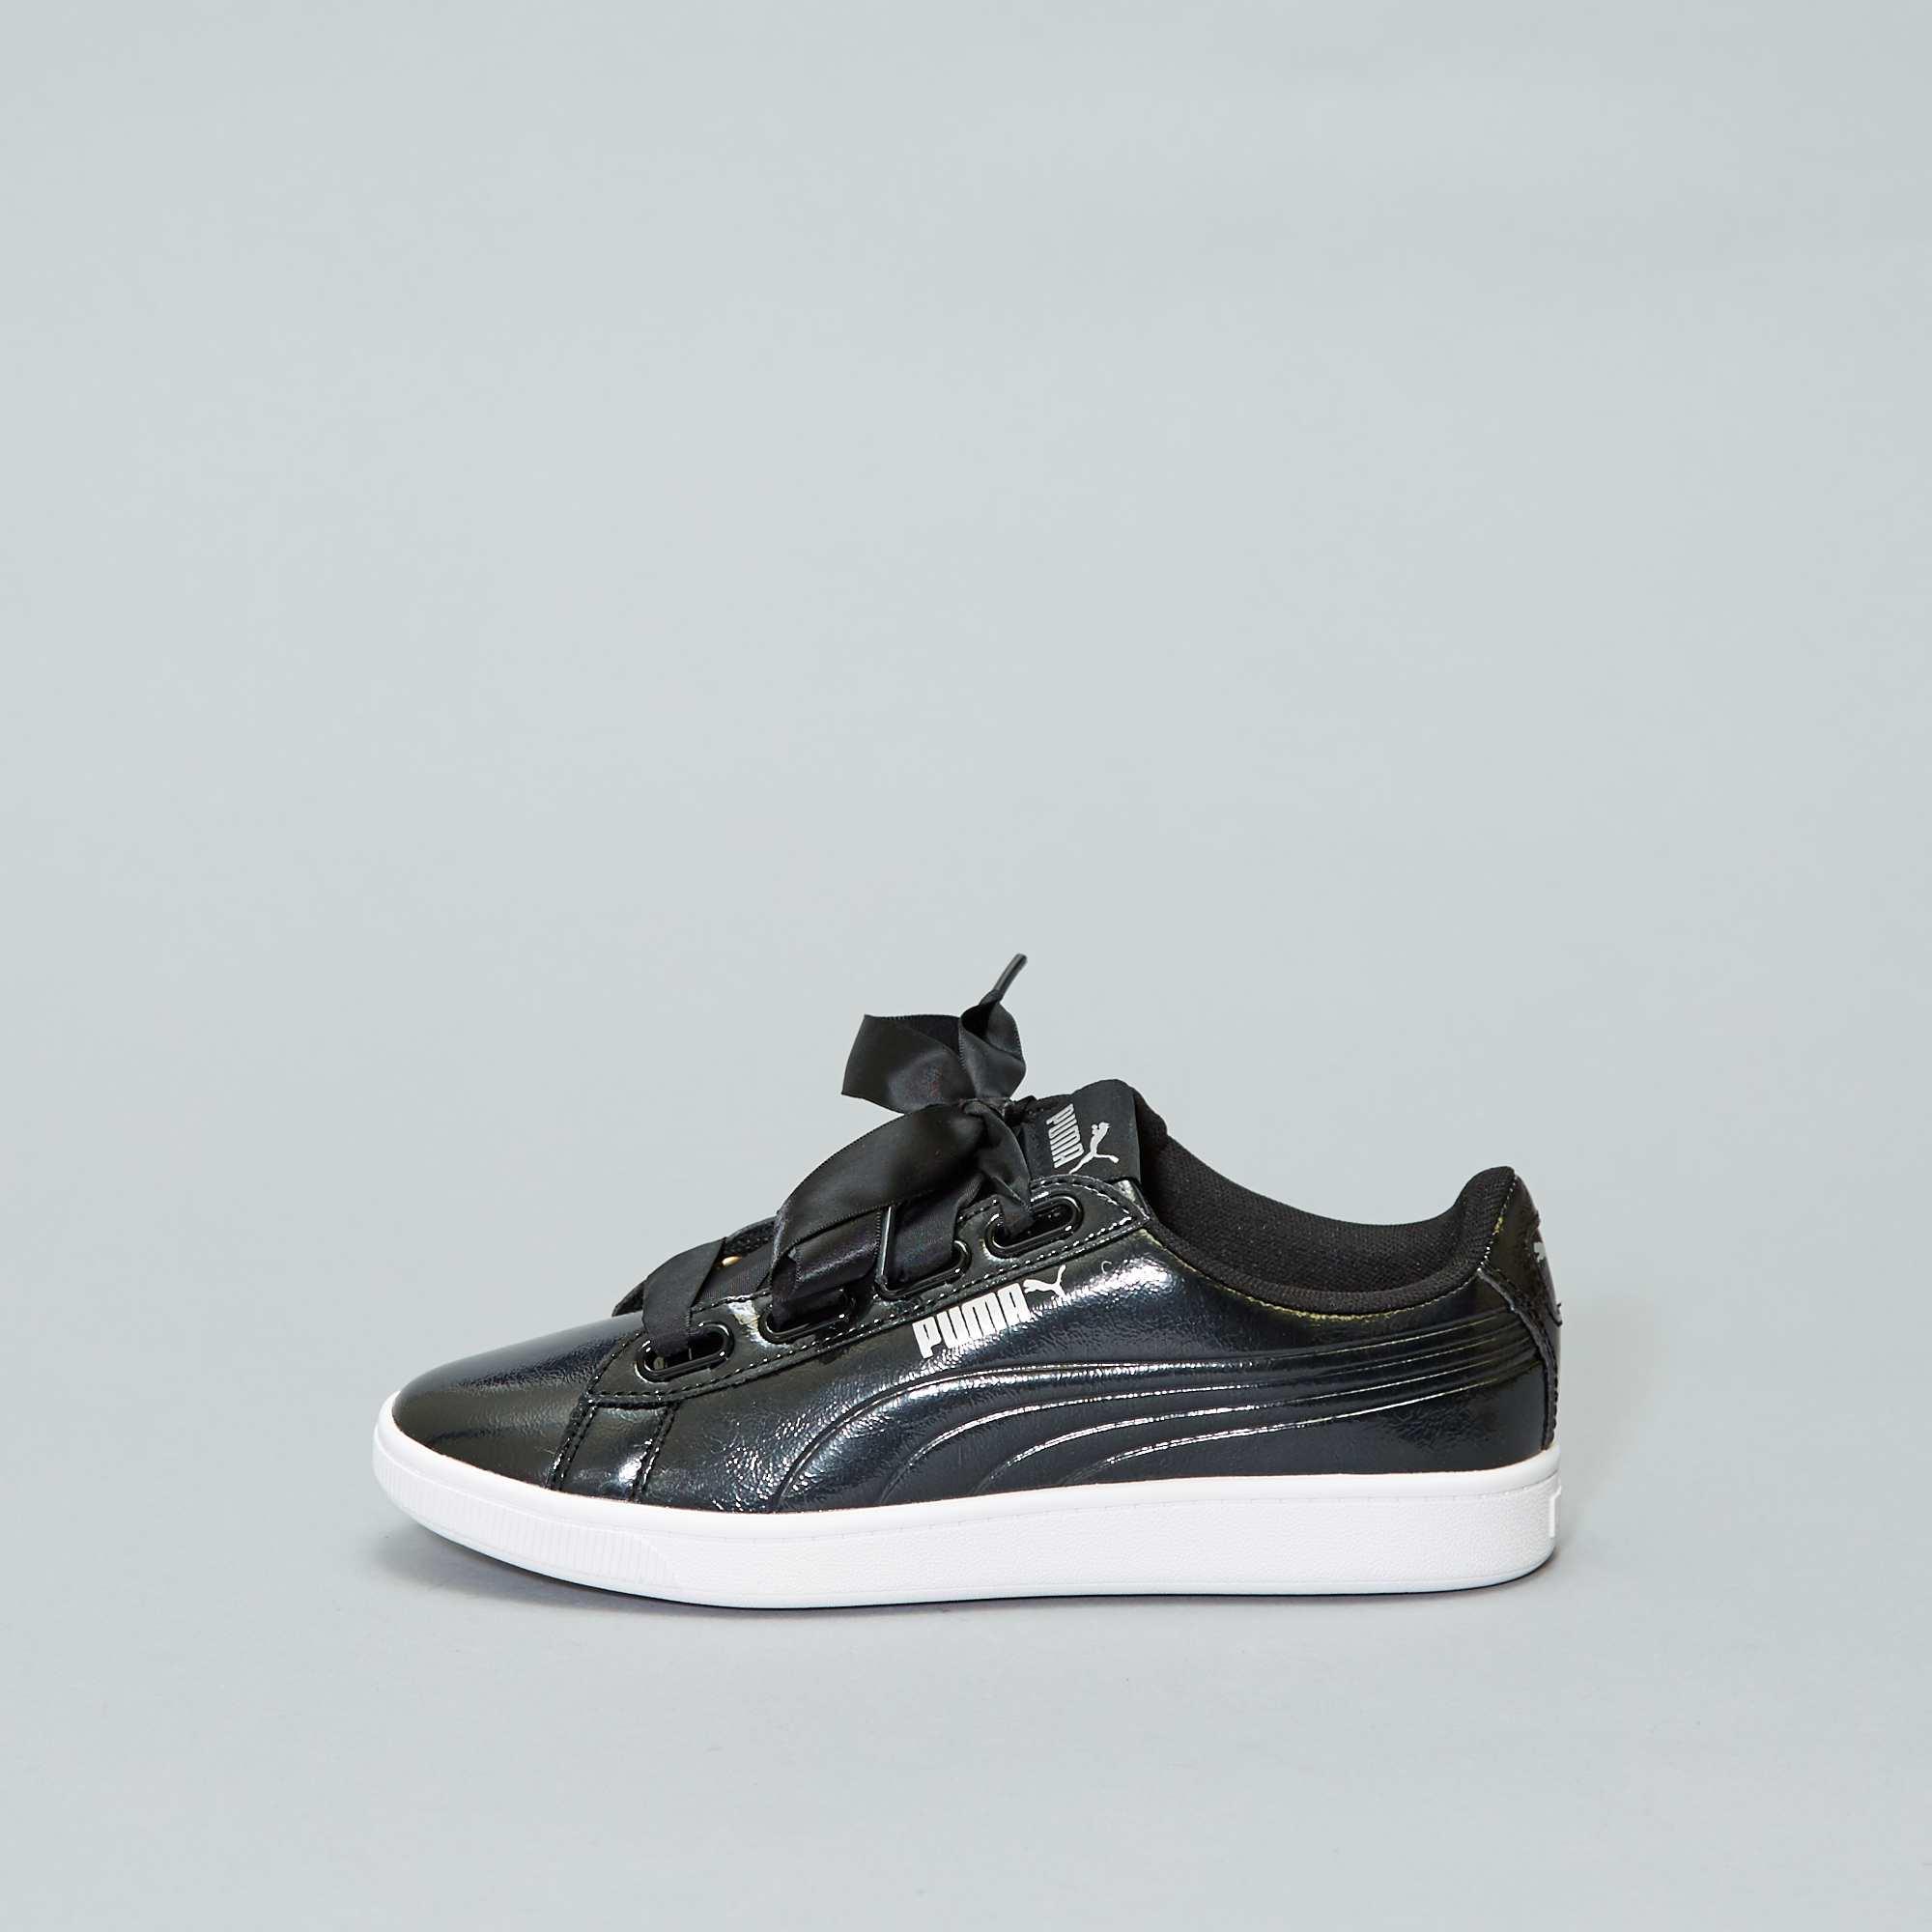 Vernies Noir Chaussures 'vikky' Kiabi Baskets 'puma' 00€ 60 kPXZui